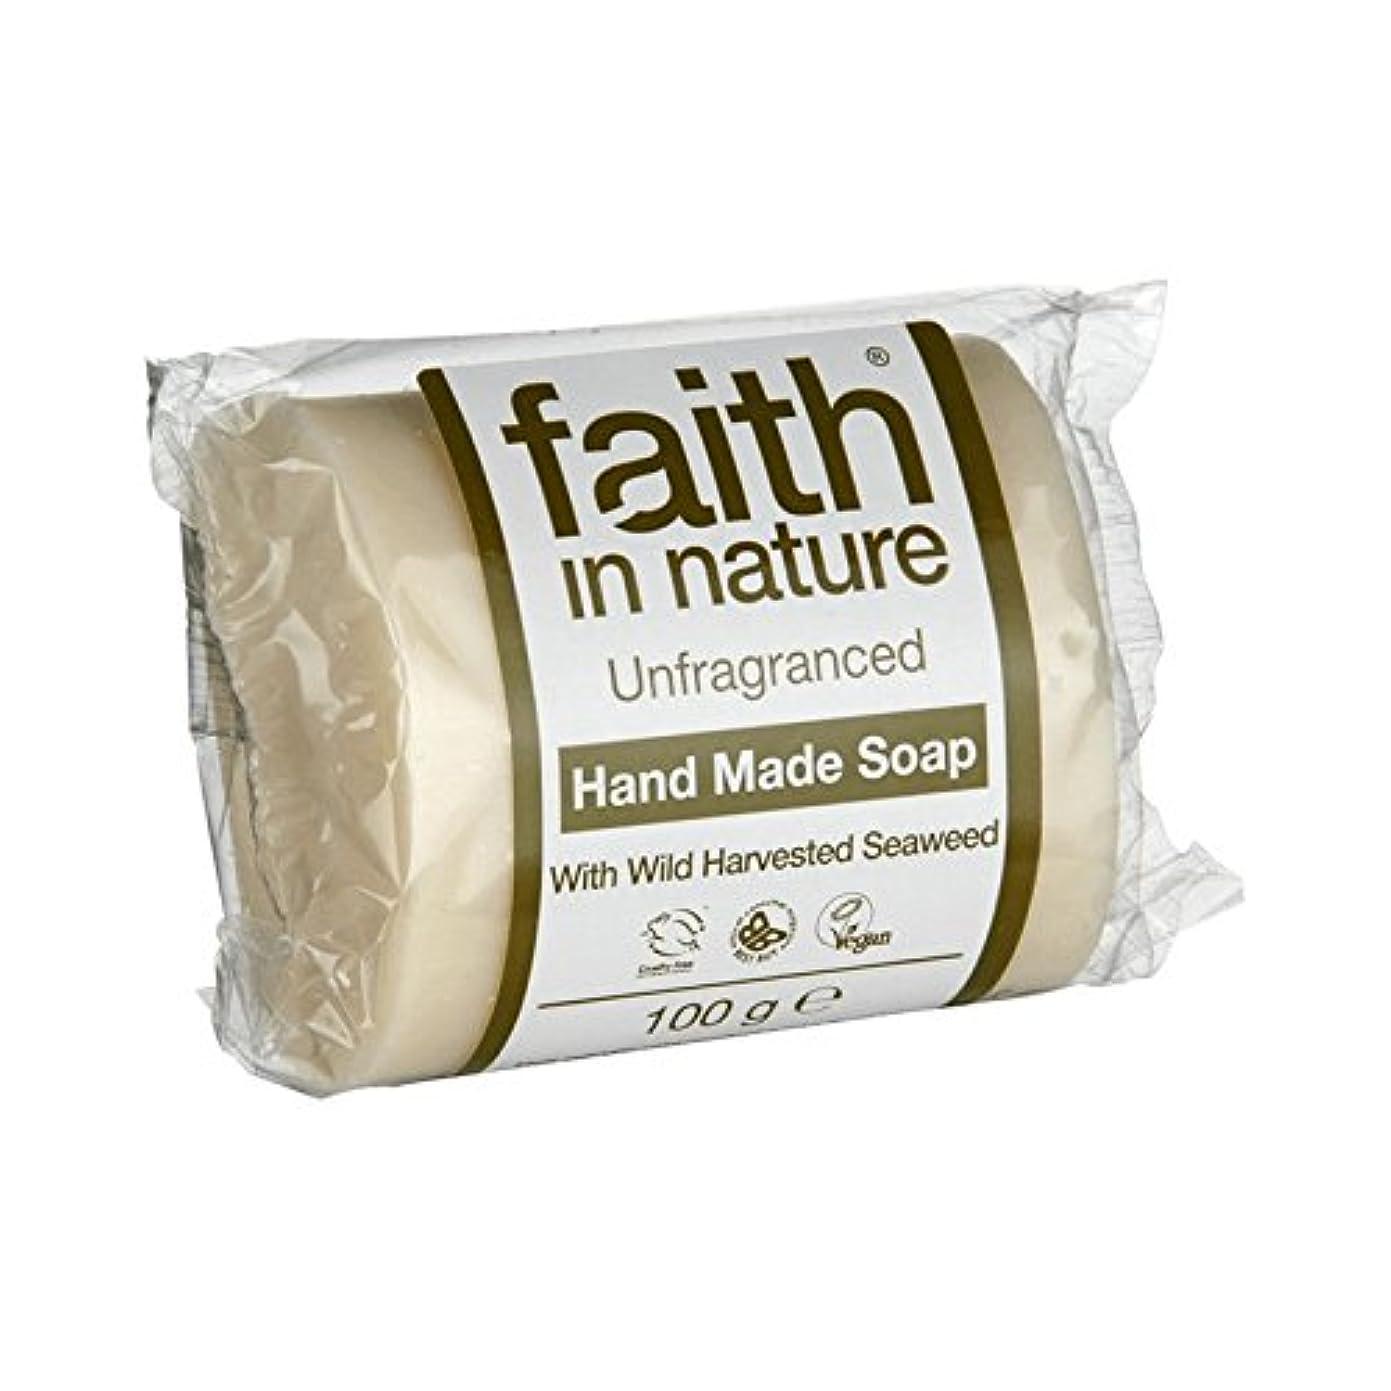 自然無香料海藻石鹸100グラムの信仰 - Faith in Nature Unfragranced Seaweed Soap 100g (Faith in Nature) [並行輸入品]